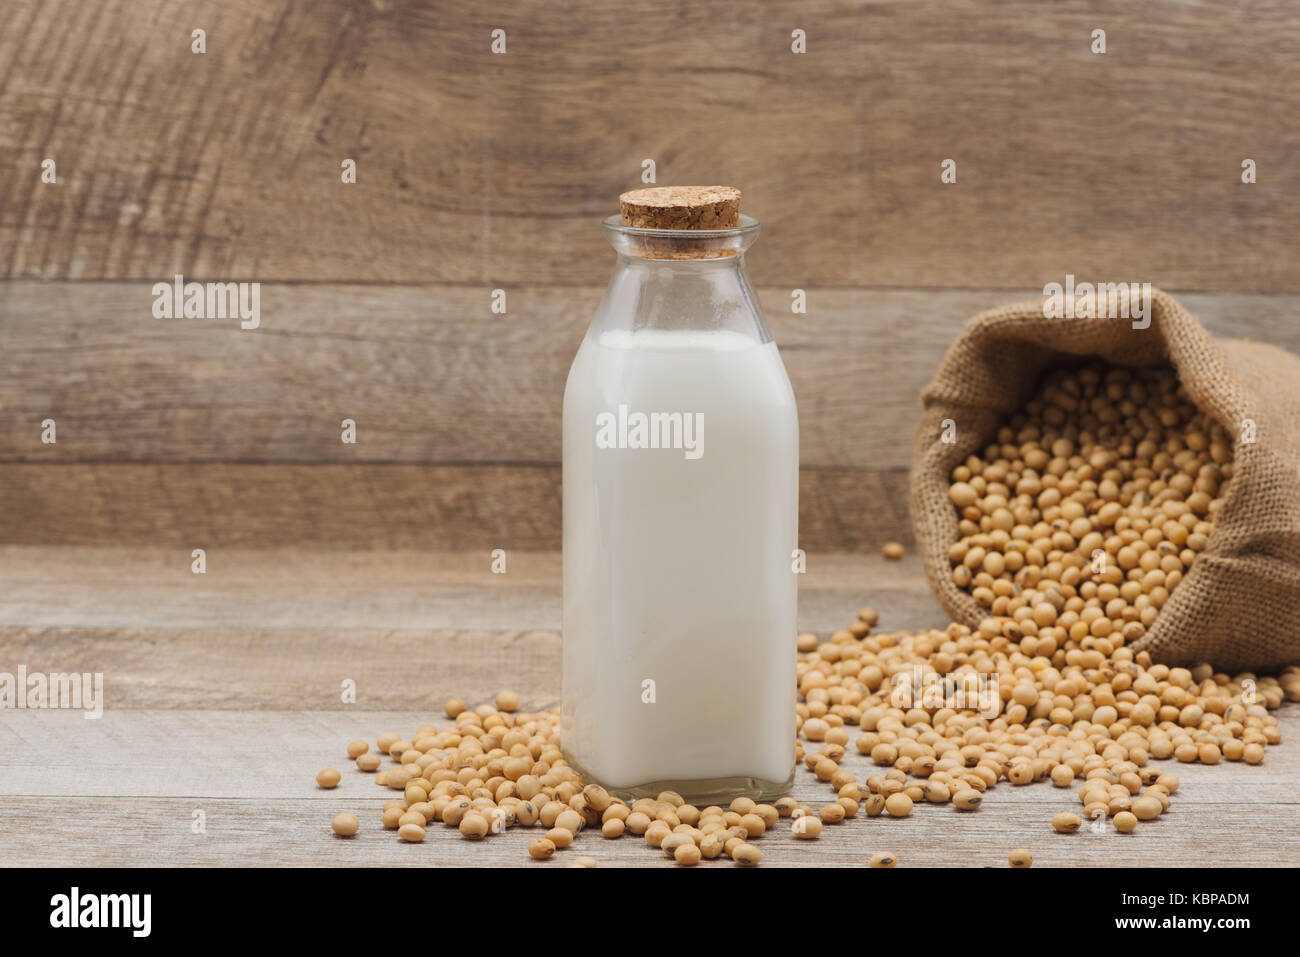 Bouteille de lait de soja et de soja sur table en bois Photo Stock